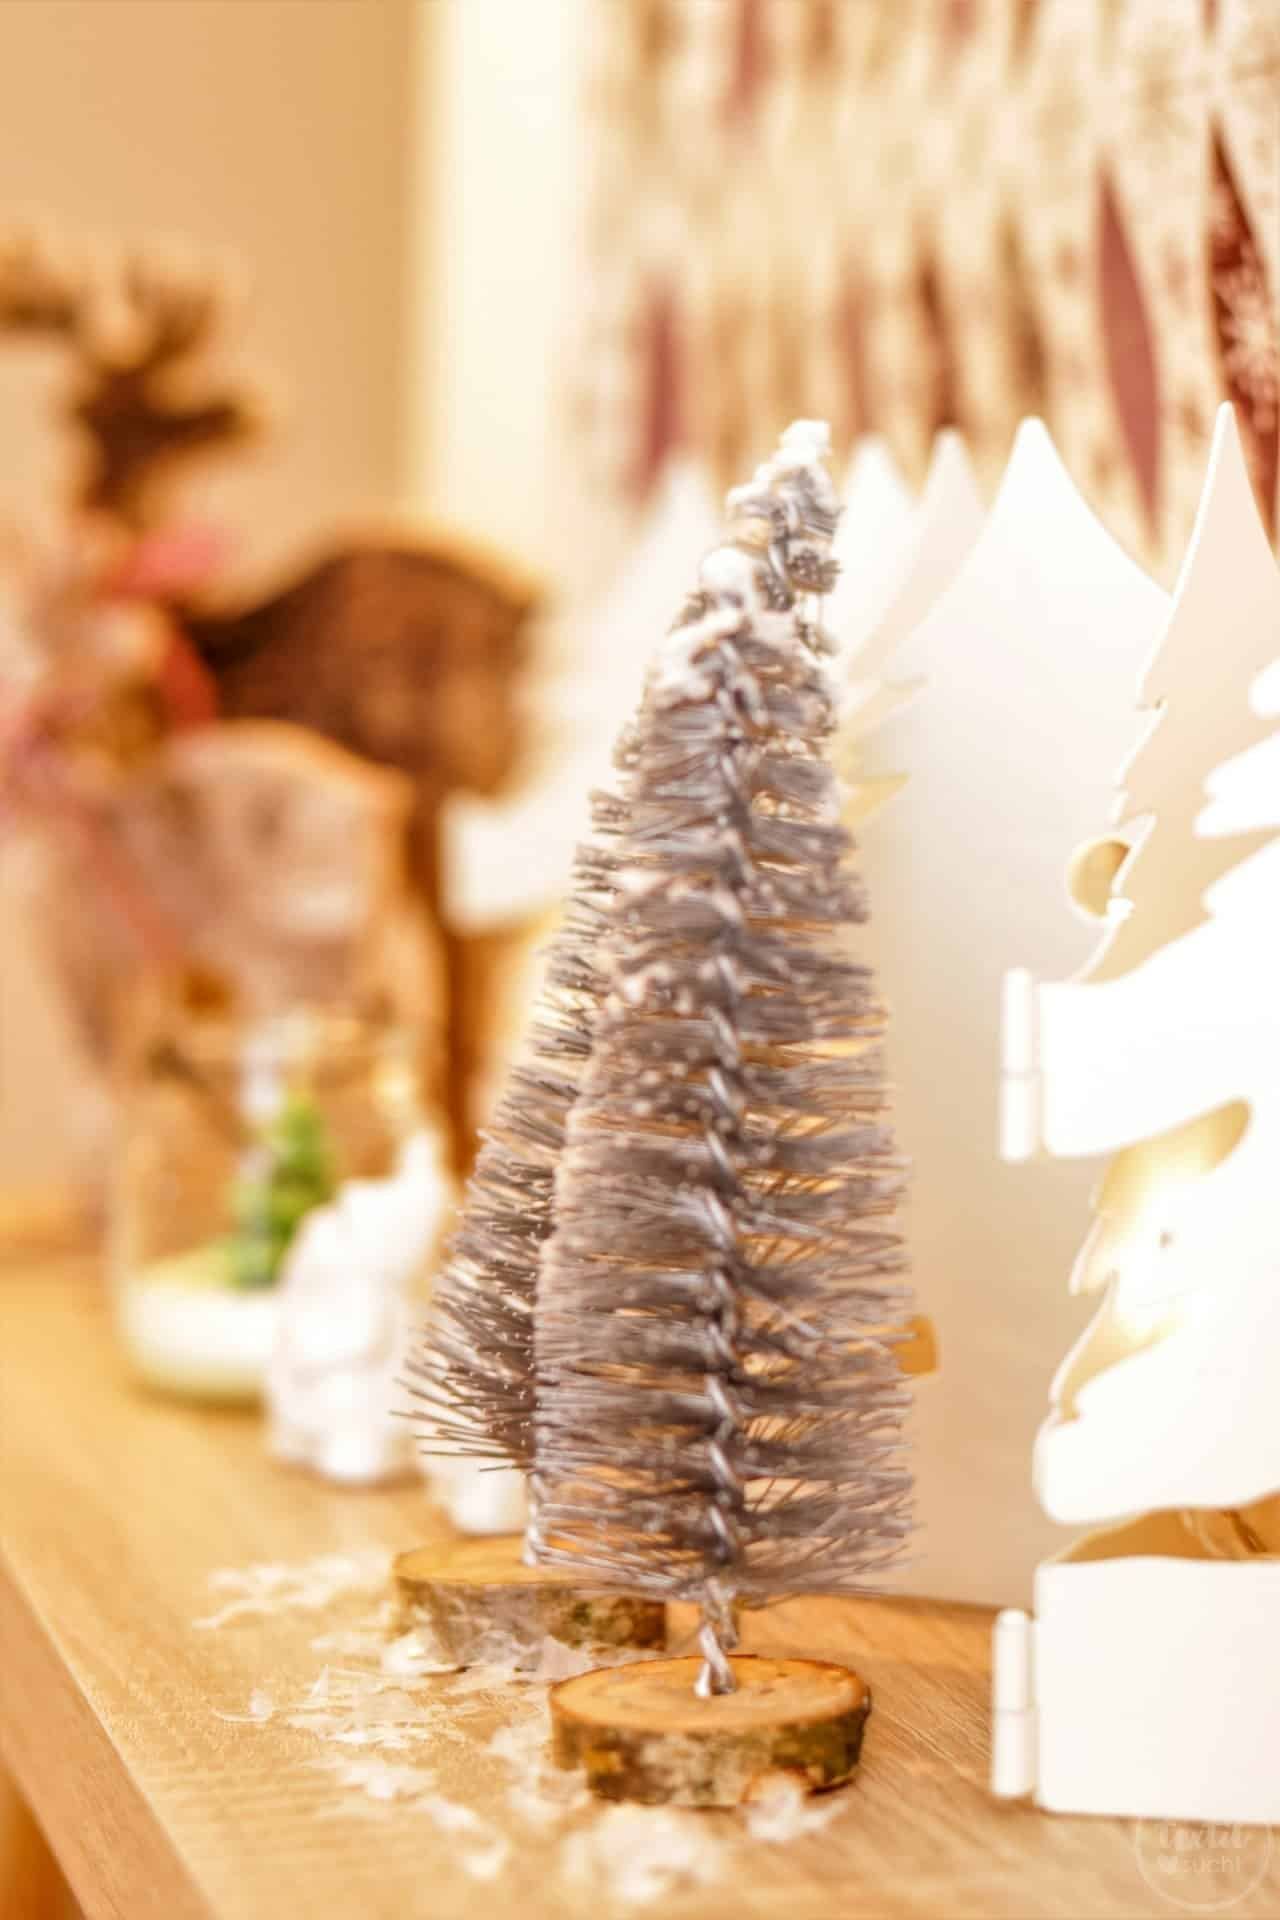 DIY Weihnachtsbaum aus Flaschenbürsten - Bild 1   textilsucht.de